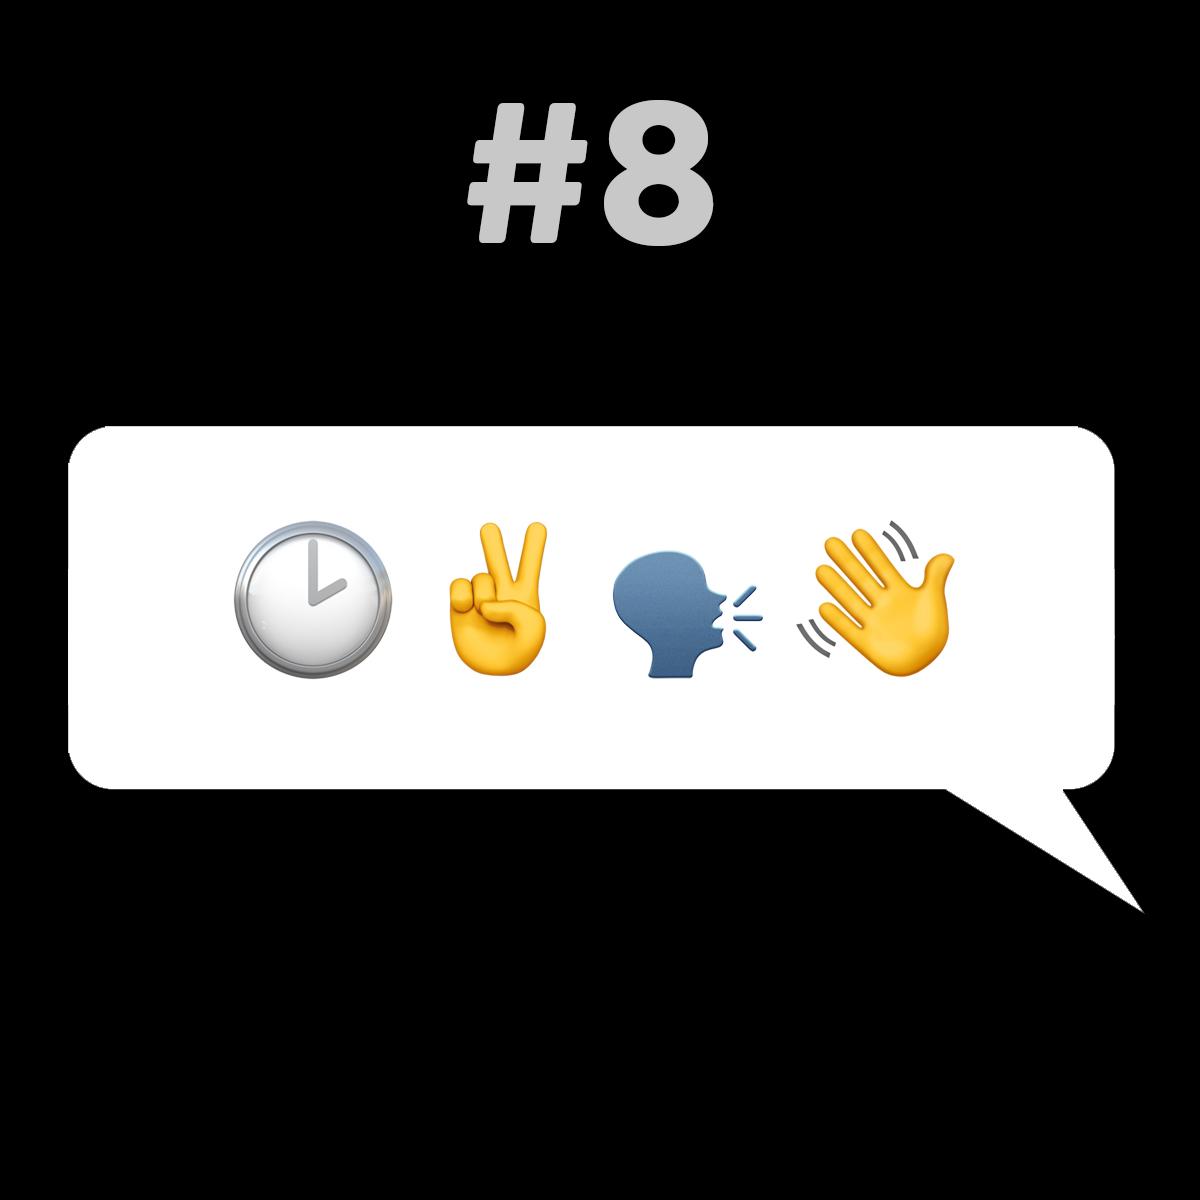 Songtitel in Emojis dargestellt emojibands_08